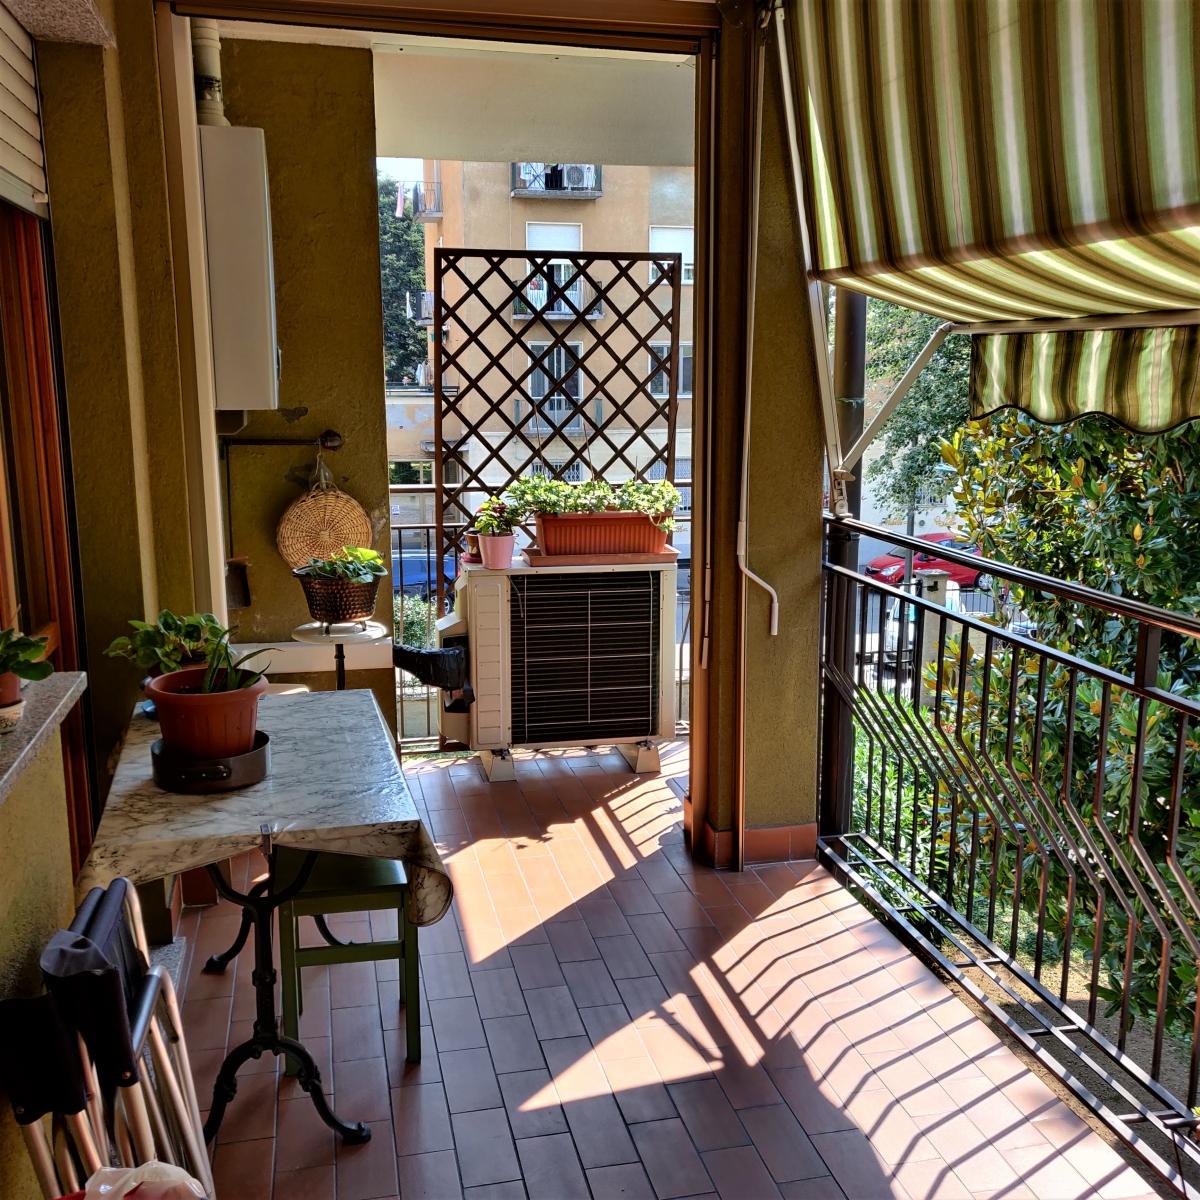 appartamento-in-vendita-a-baggio-via-cassolnovo-bagarotti-3-locali-milano-trilocale-spaziourbano-immobiliare-vende-3